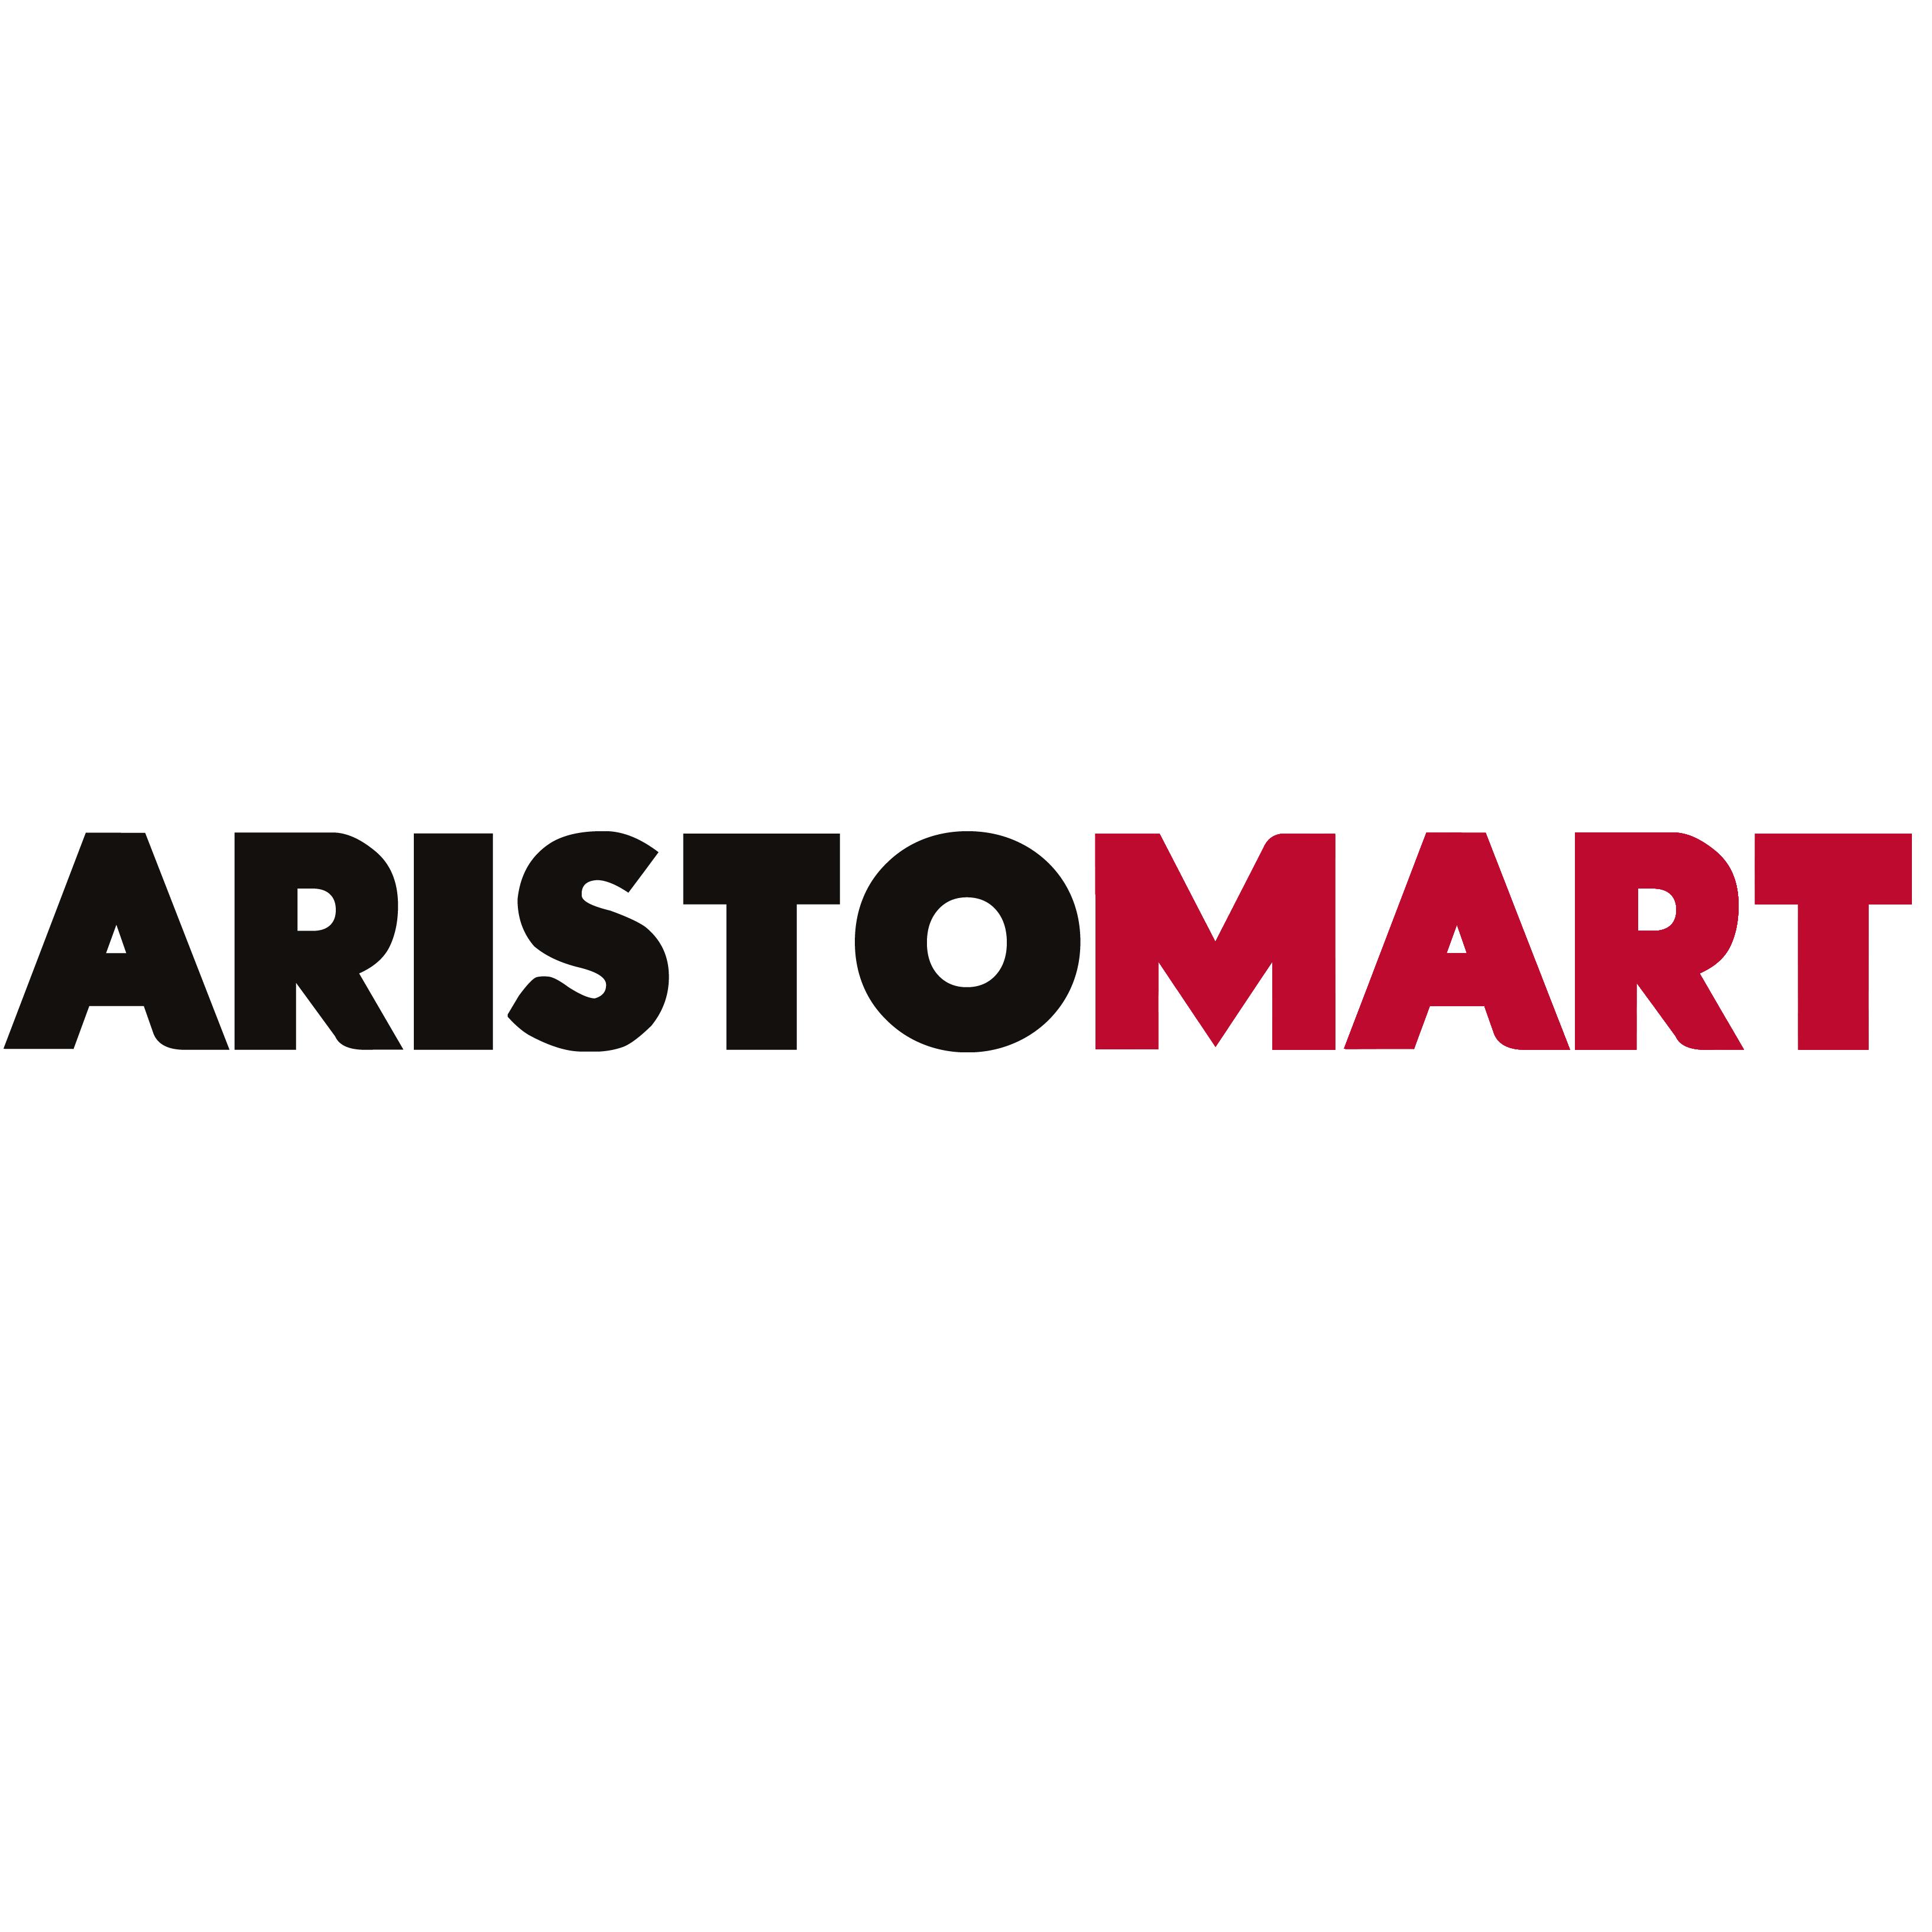 Aristomart